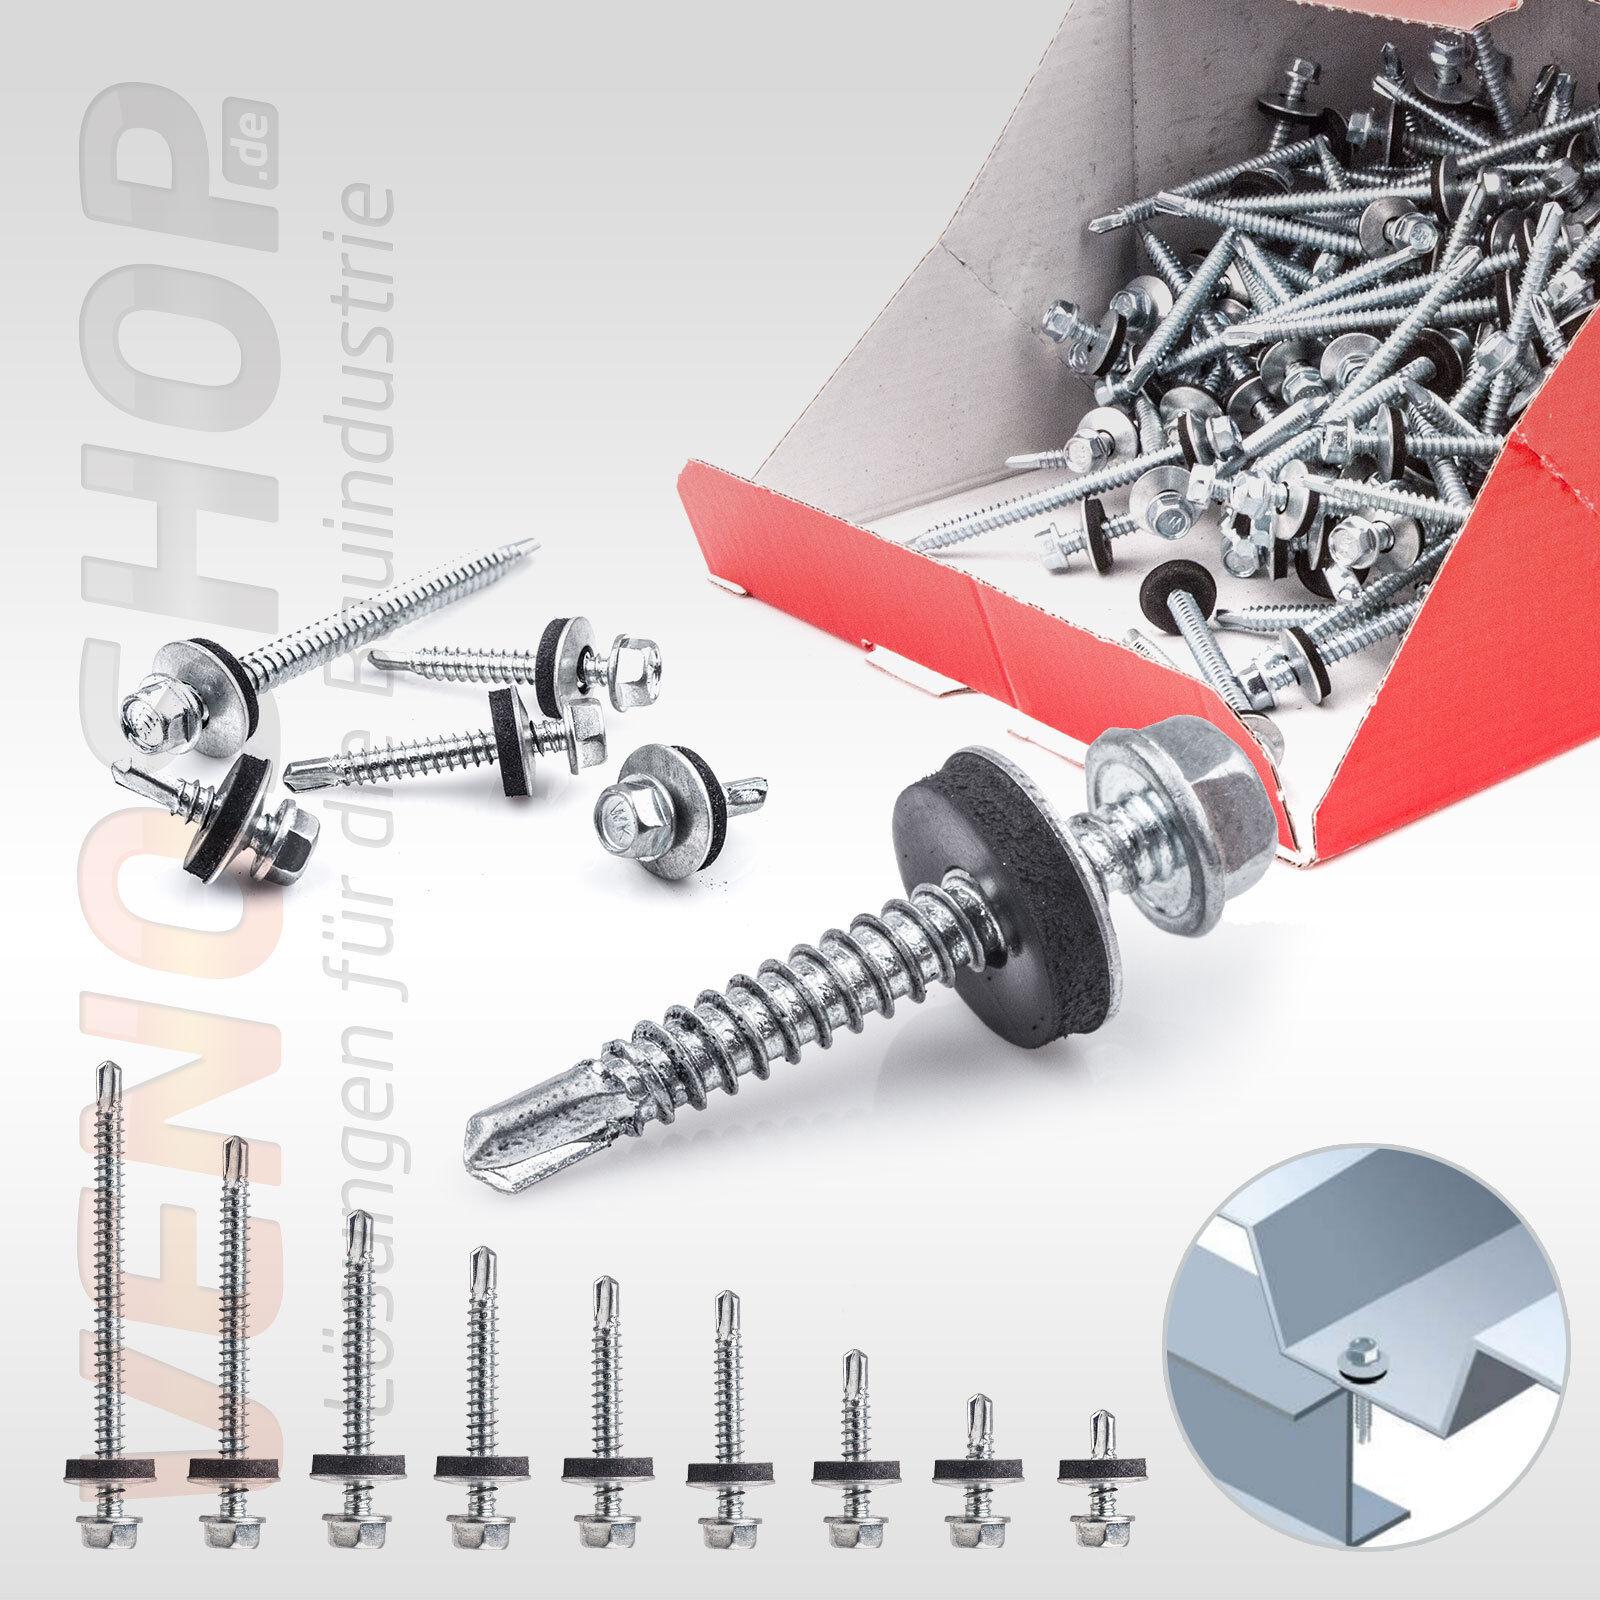 5,5x19mm - Trapezblech Schrauben Bohrschrauben Stahl auf Stahl für Trapezblech